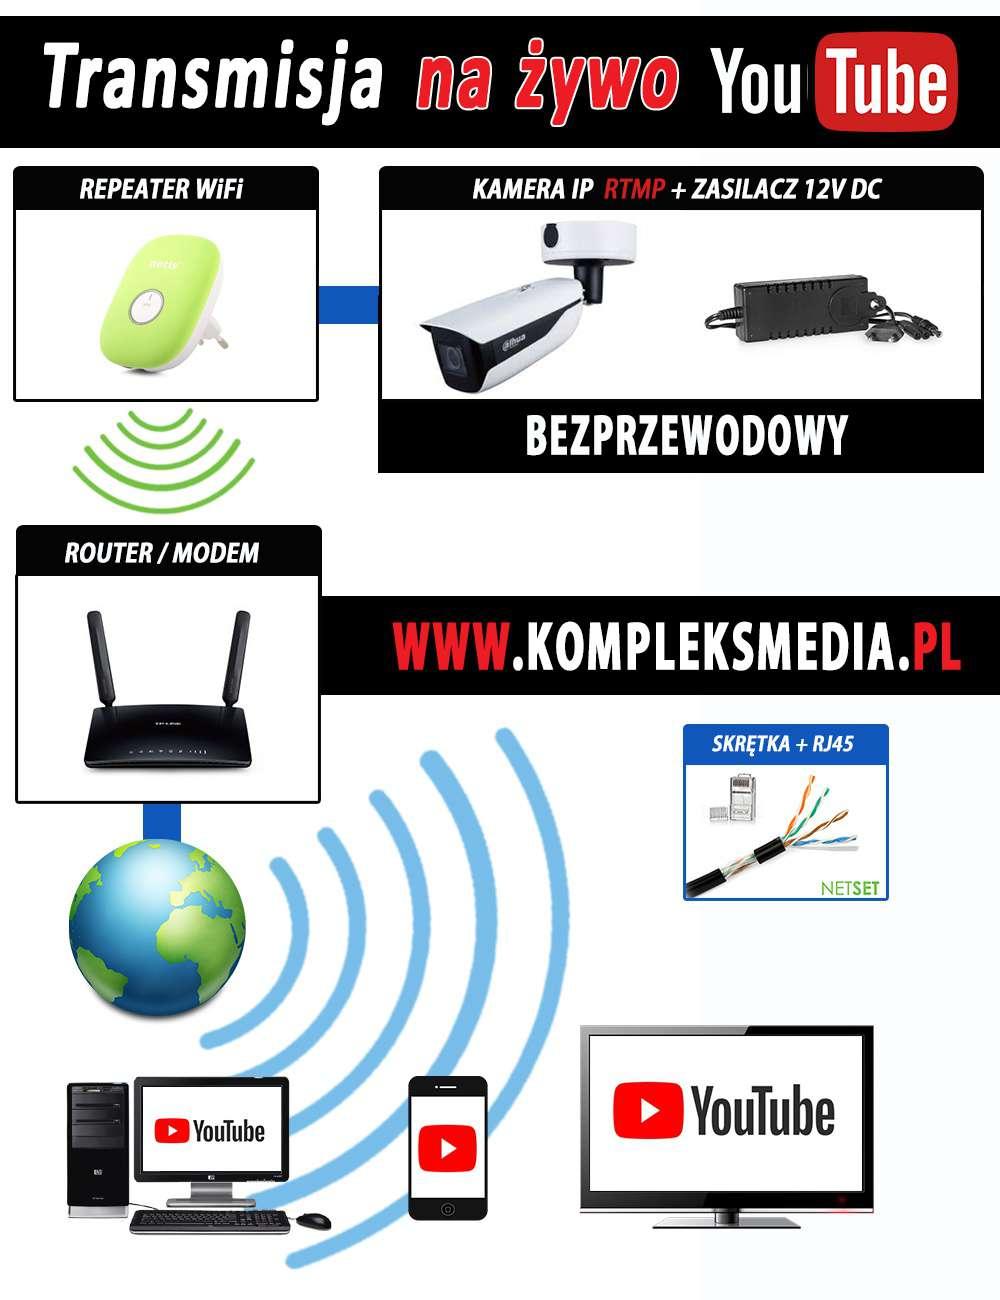 Schemat połączeniowy z modułem WIFI